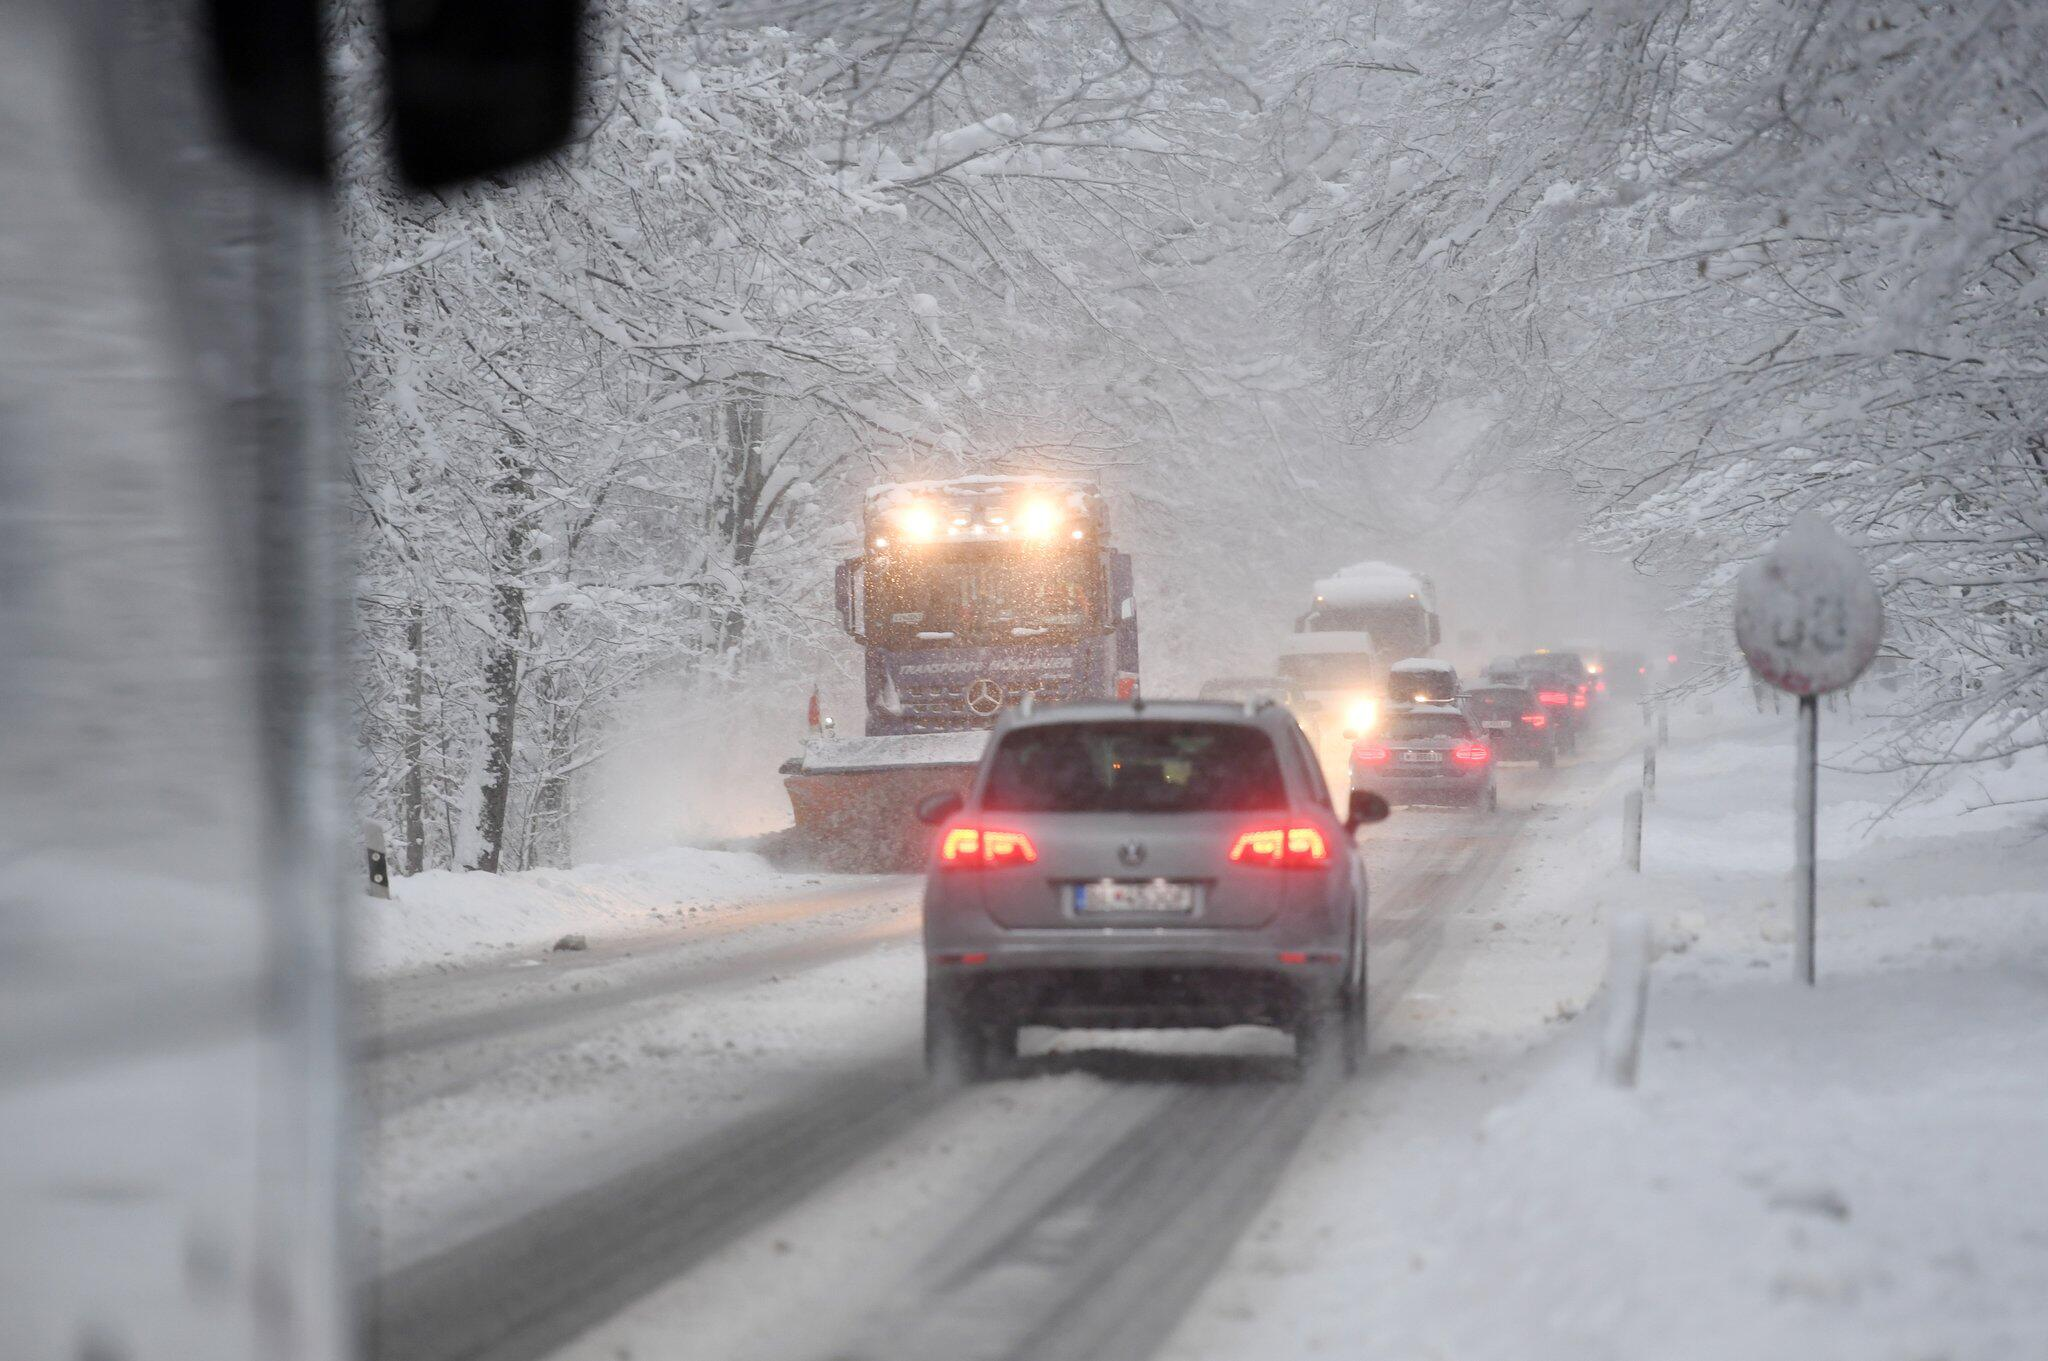 Bild zu Winter sets in in Bavaria